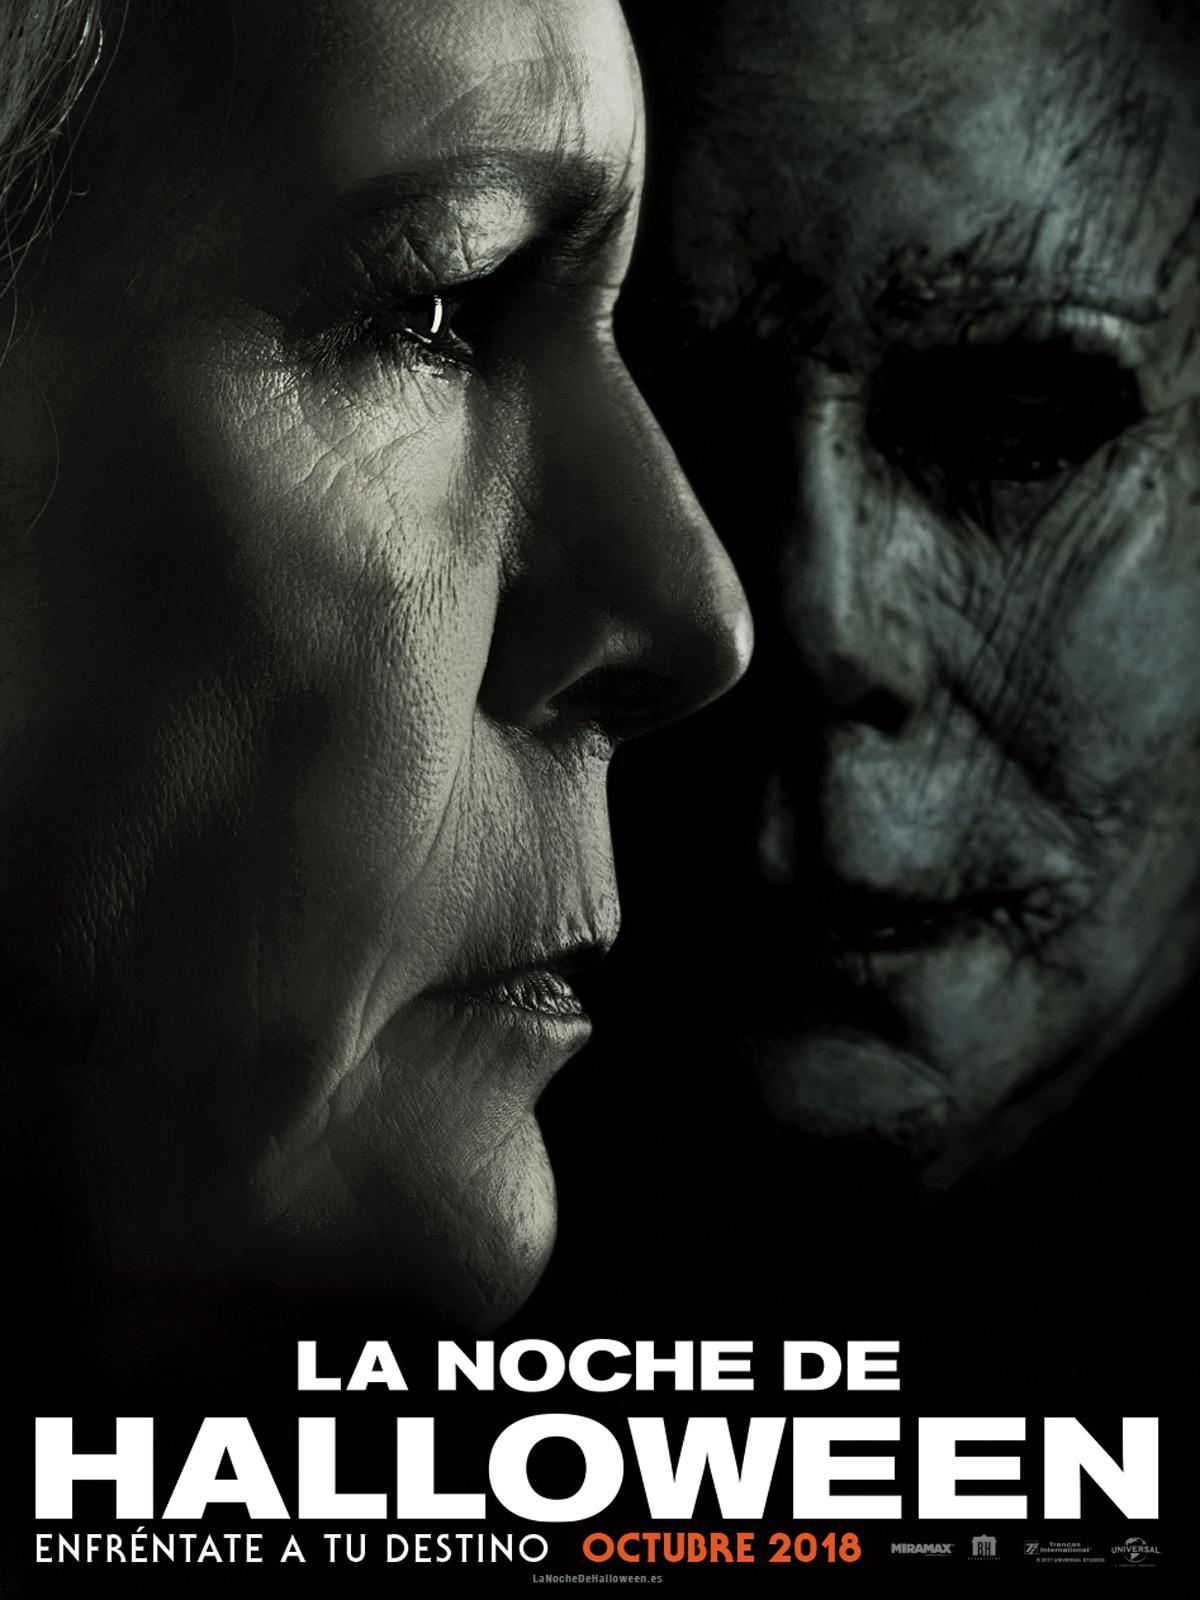 Noche De Halloween 2020 Pelicula Completa La noche de Halloween   Película 2018   SensaCine.com